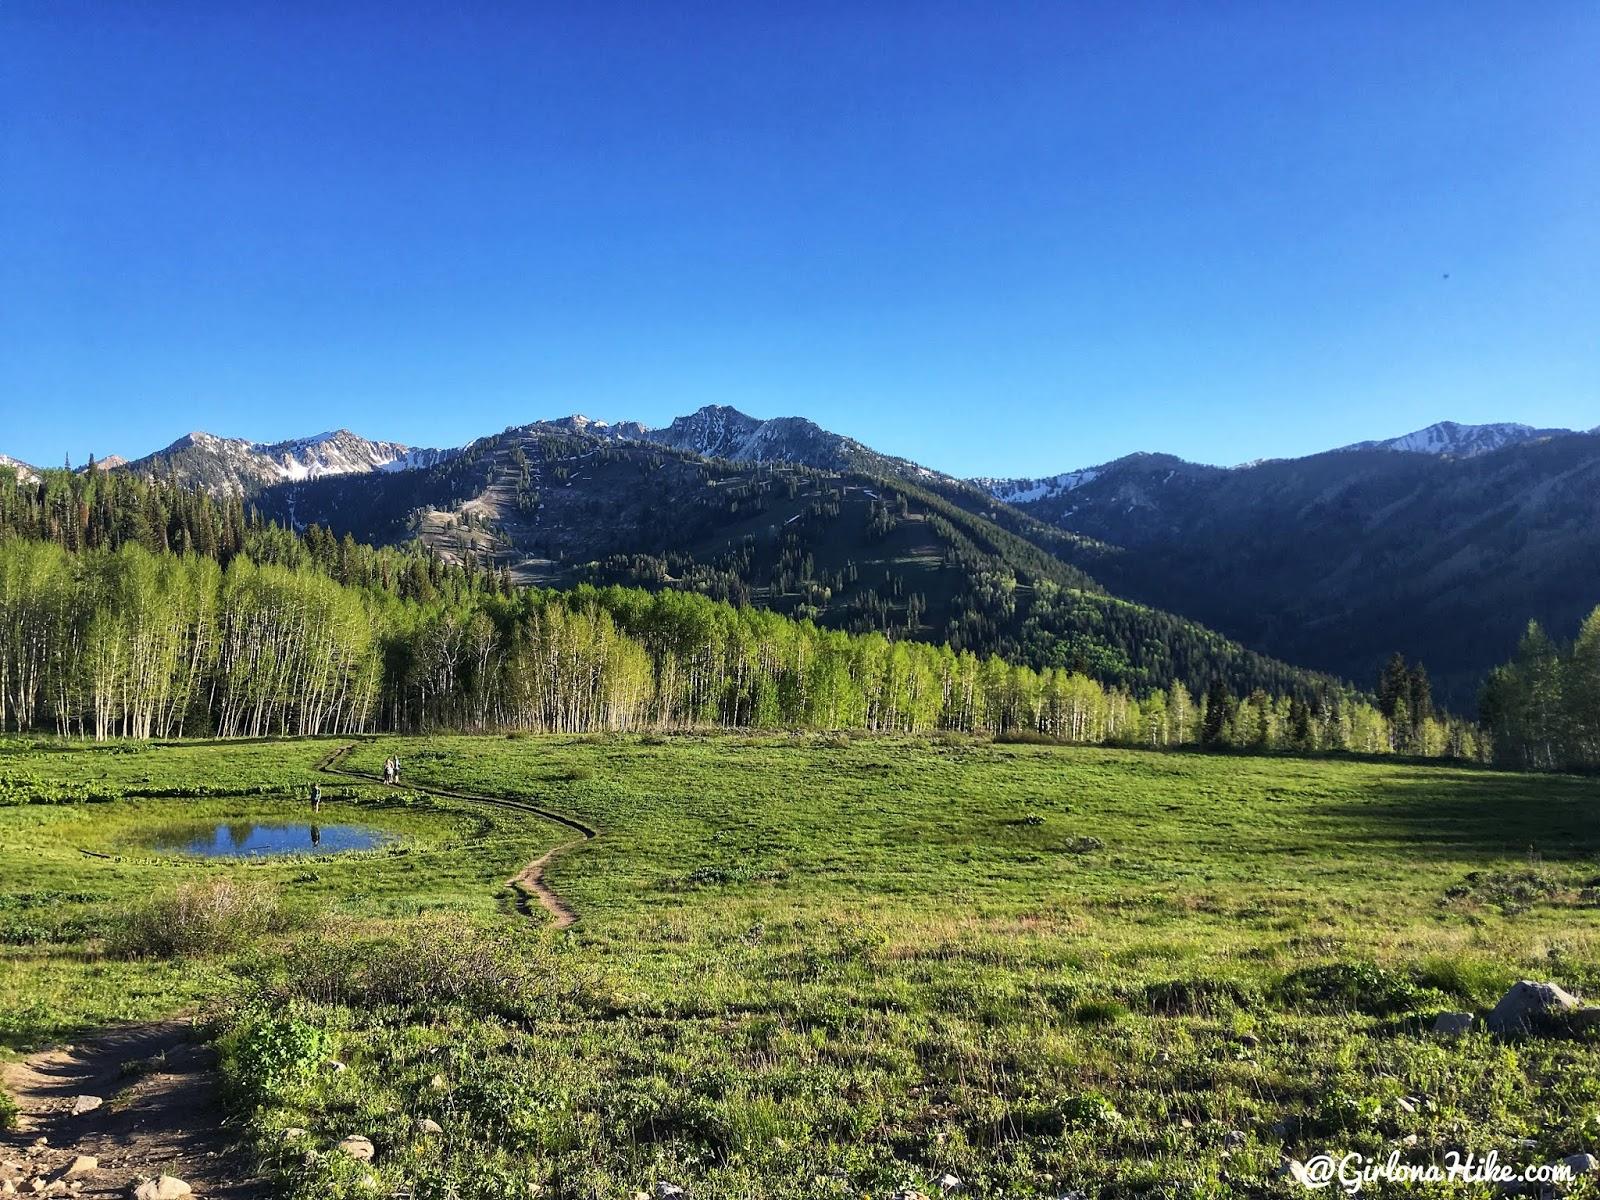 Hiking to Willow Heights Lake, Big Cottonwood Canyon, Utah